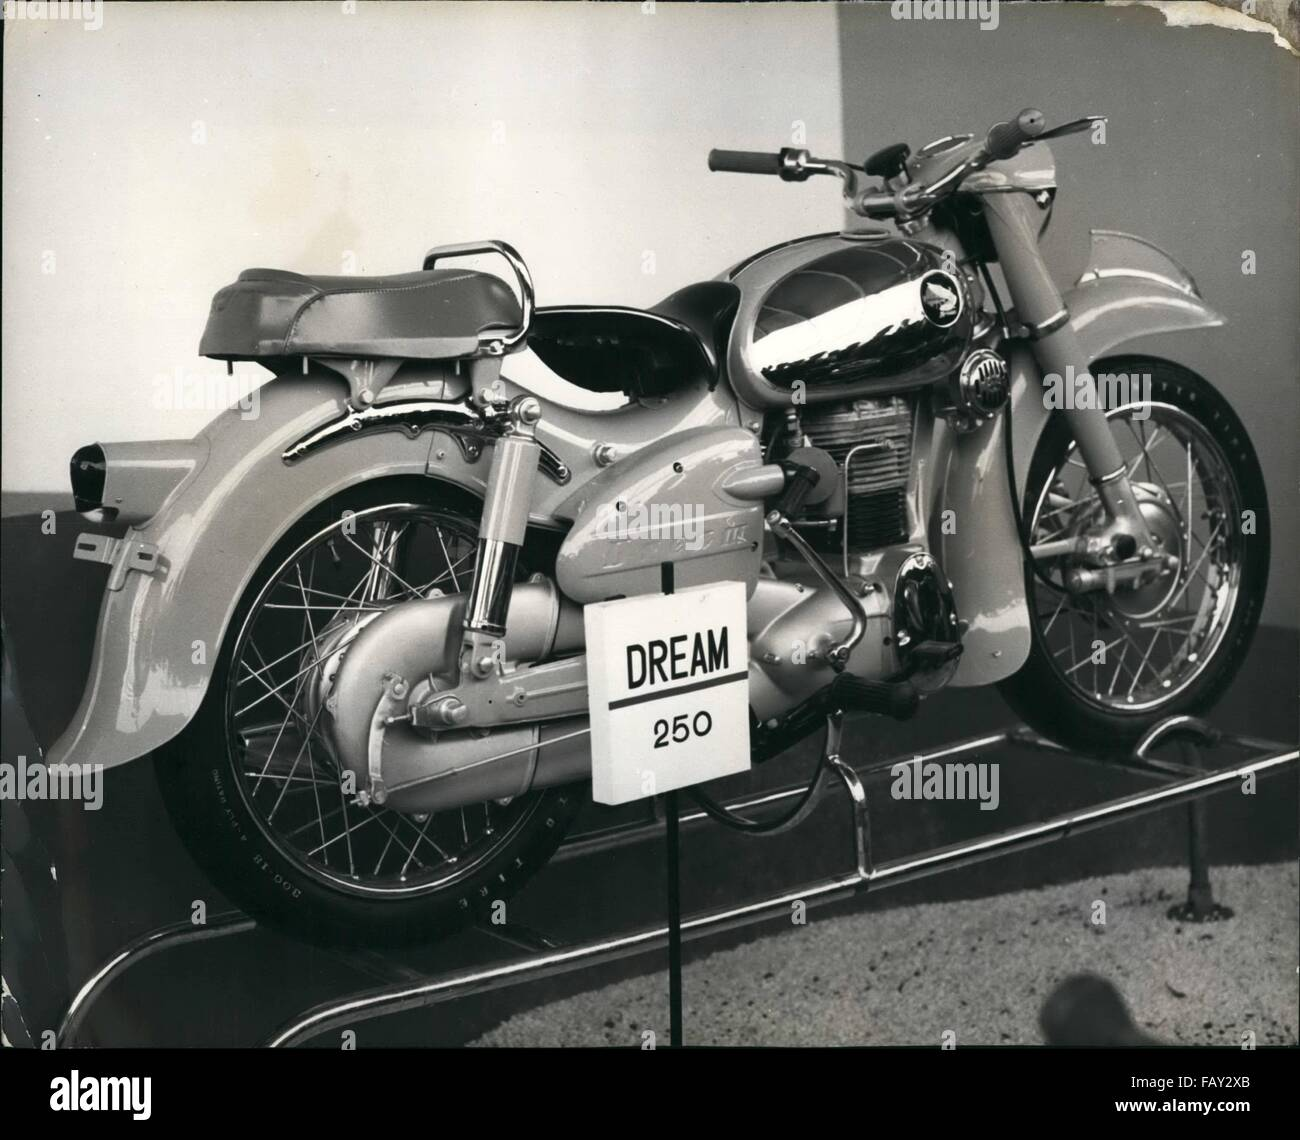 Accessoire moto japon